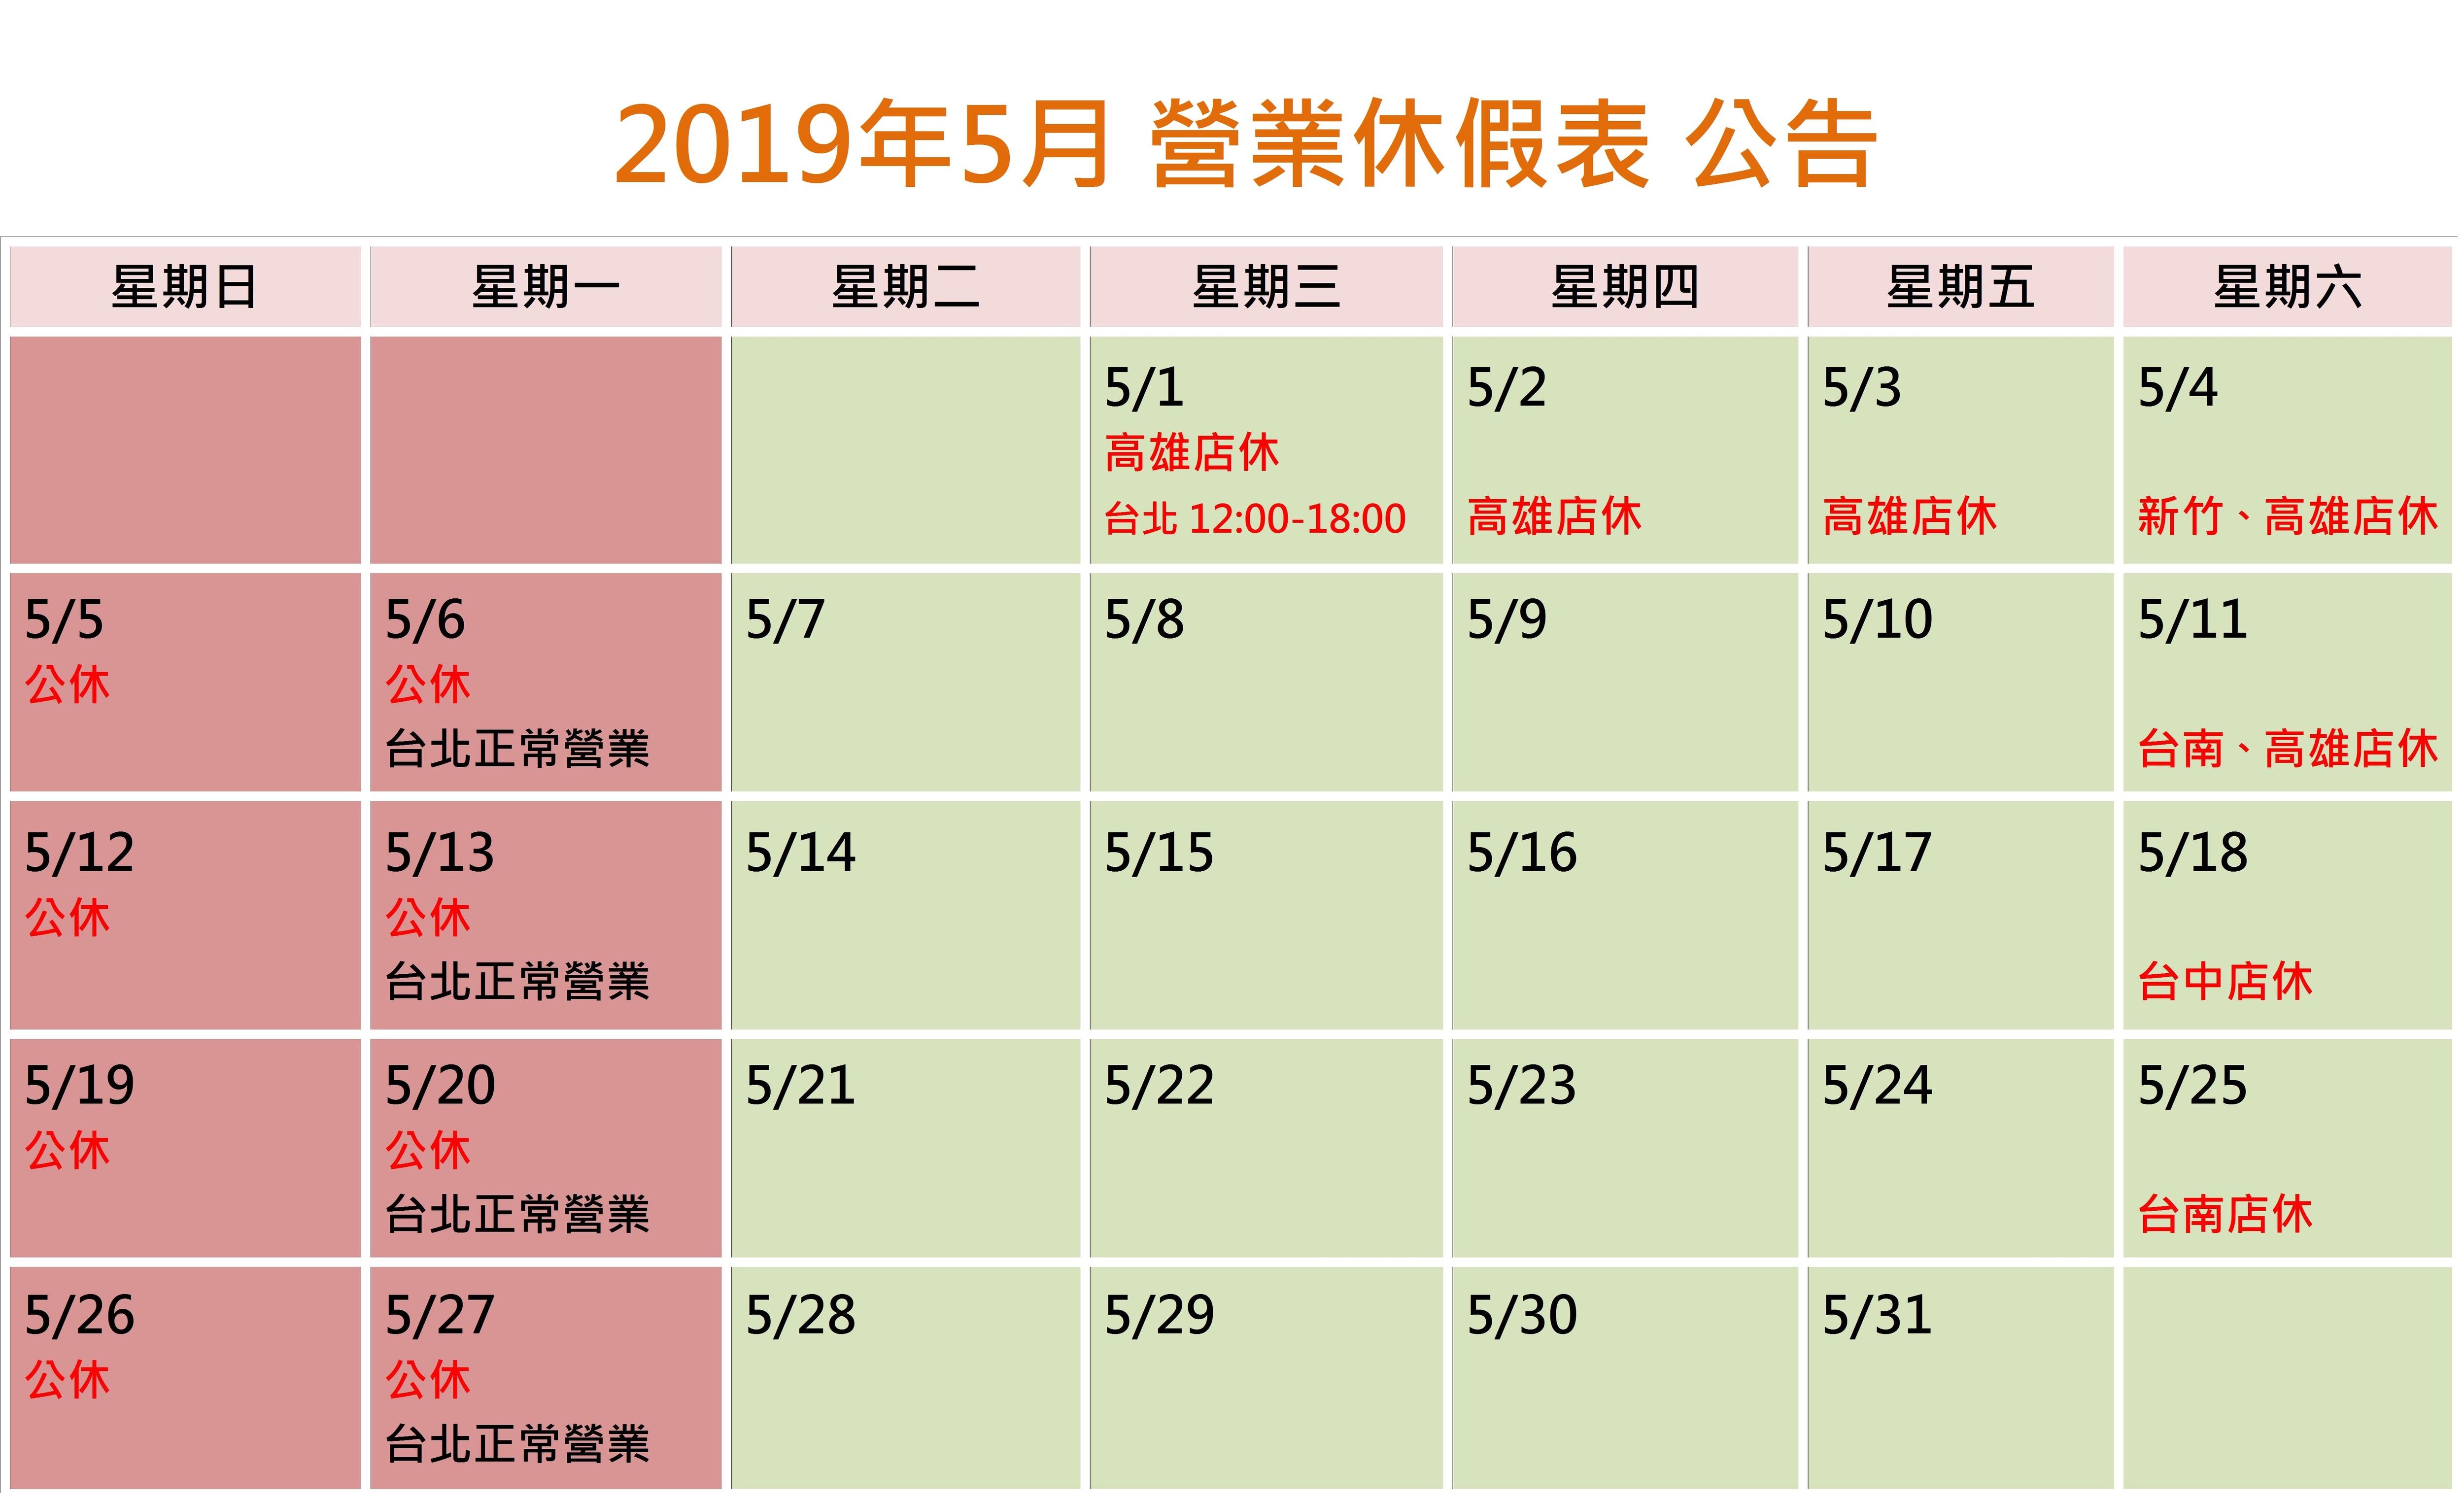 鴻宇光學門市5月營業休假日公告